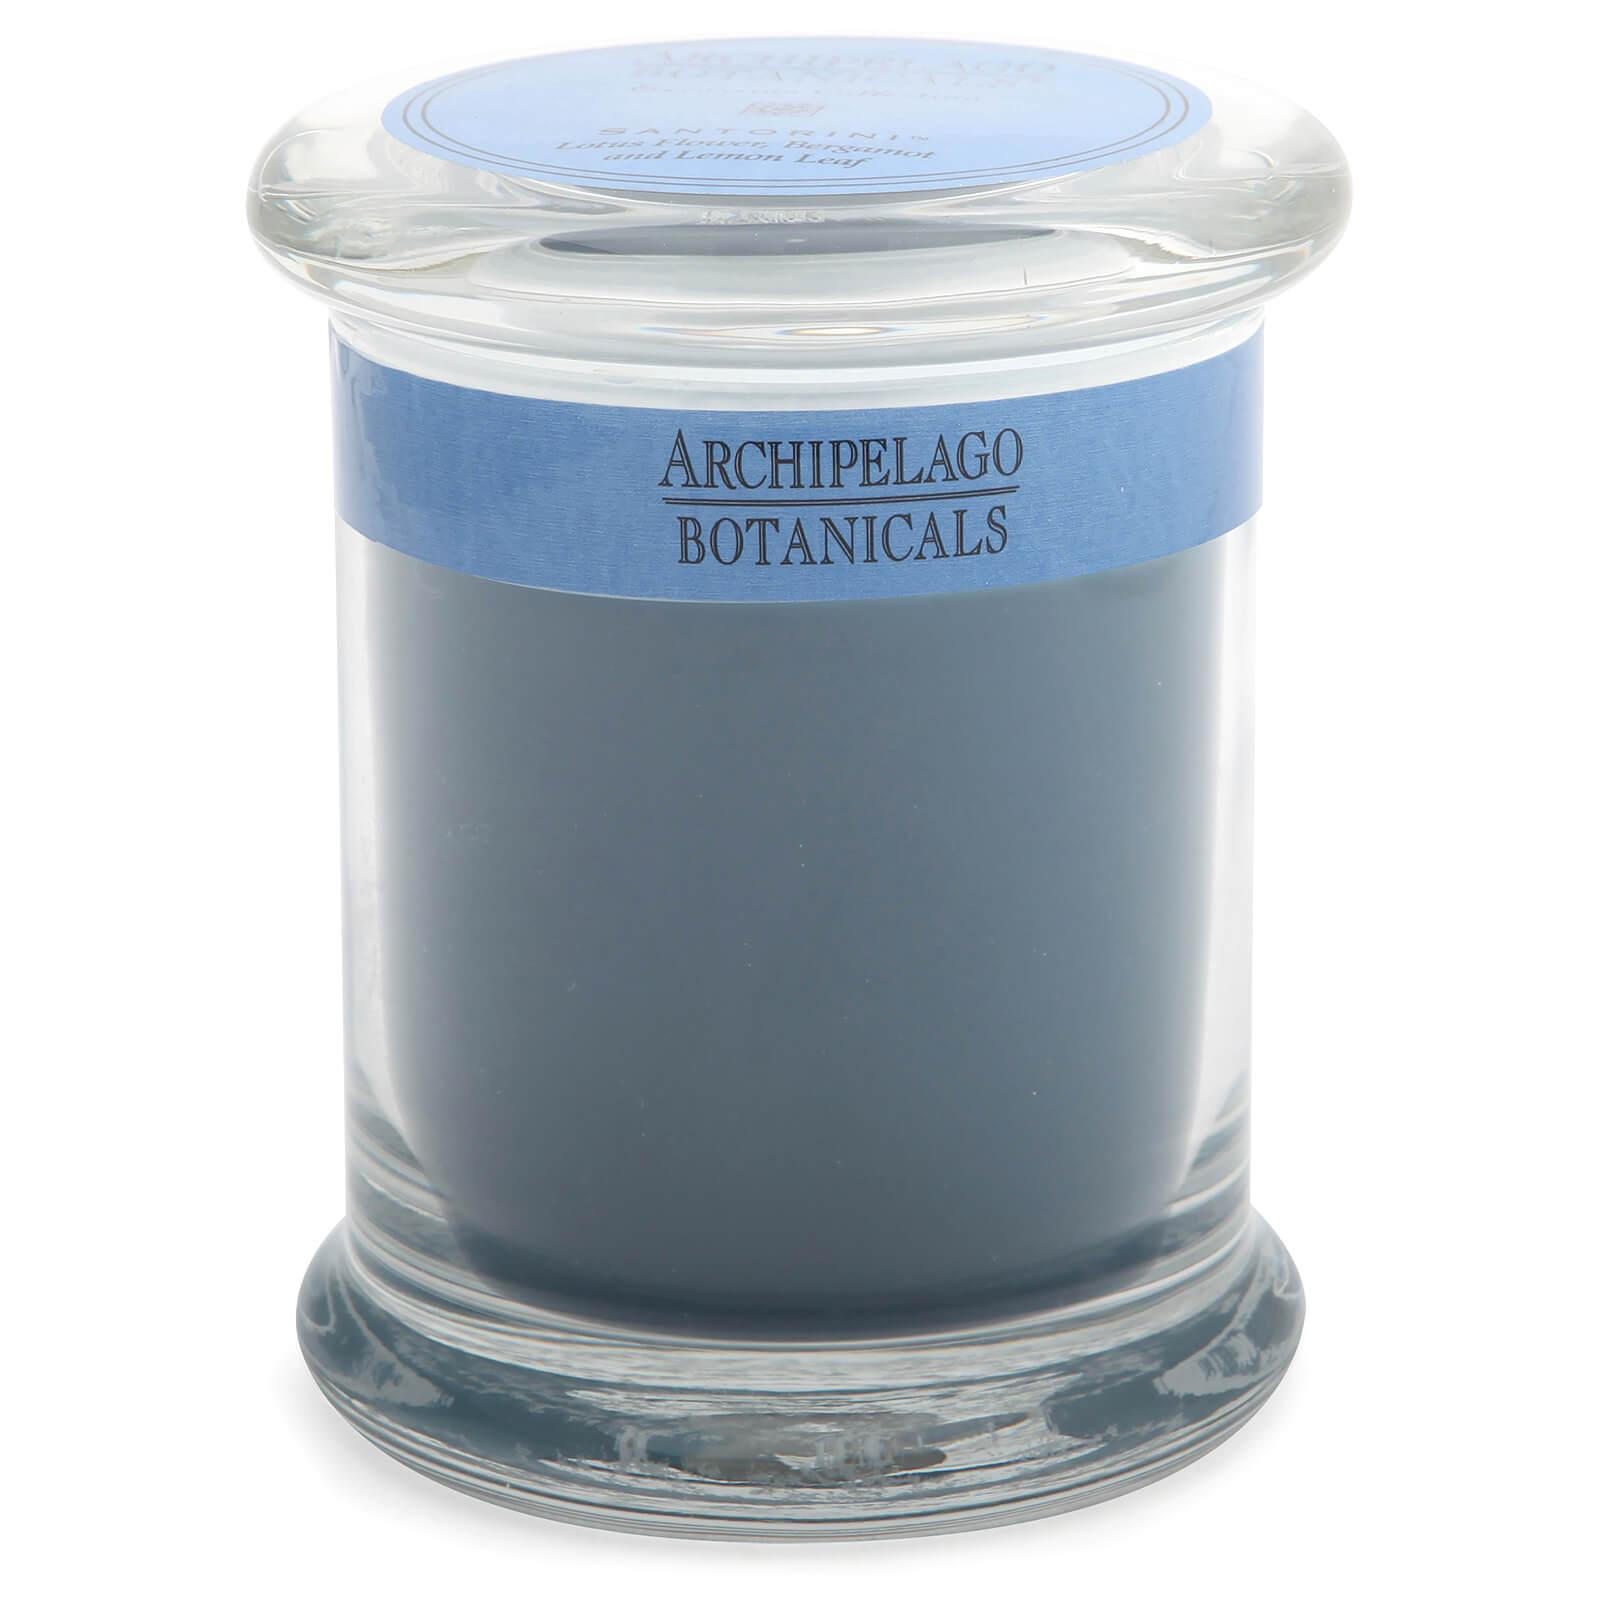 Купить Декоративная ароматическая свеча в стеклянной баночкеArchipelago Botanicals Excursions Jar Santorini Candle 244г